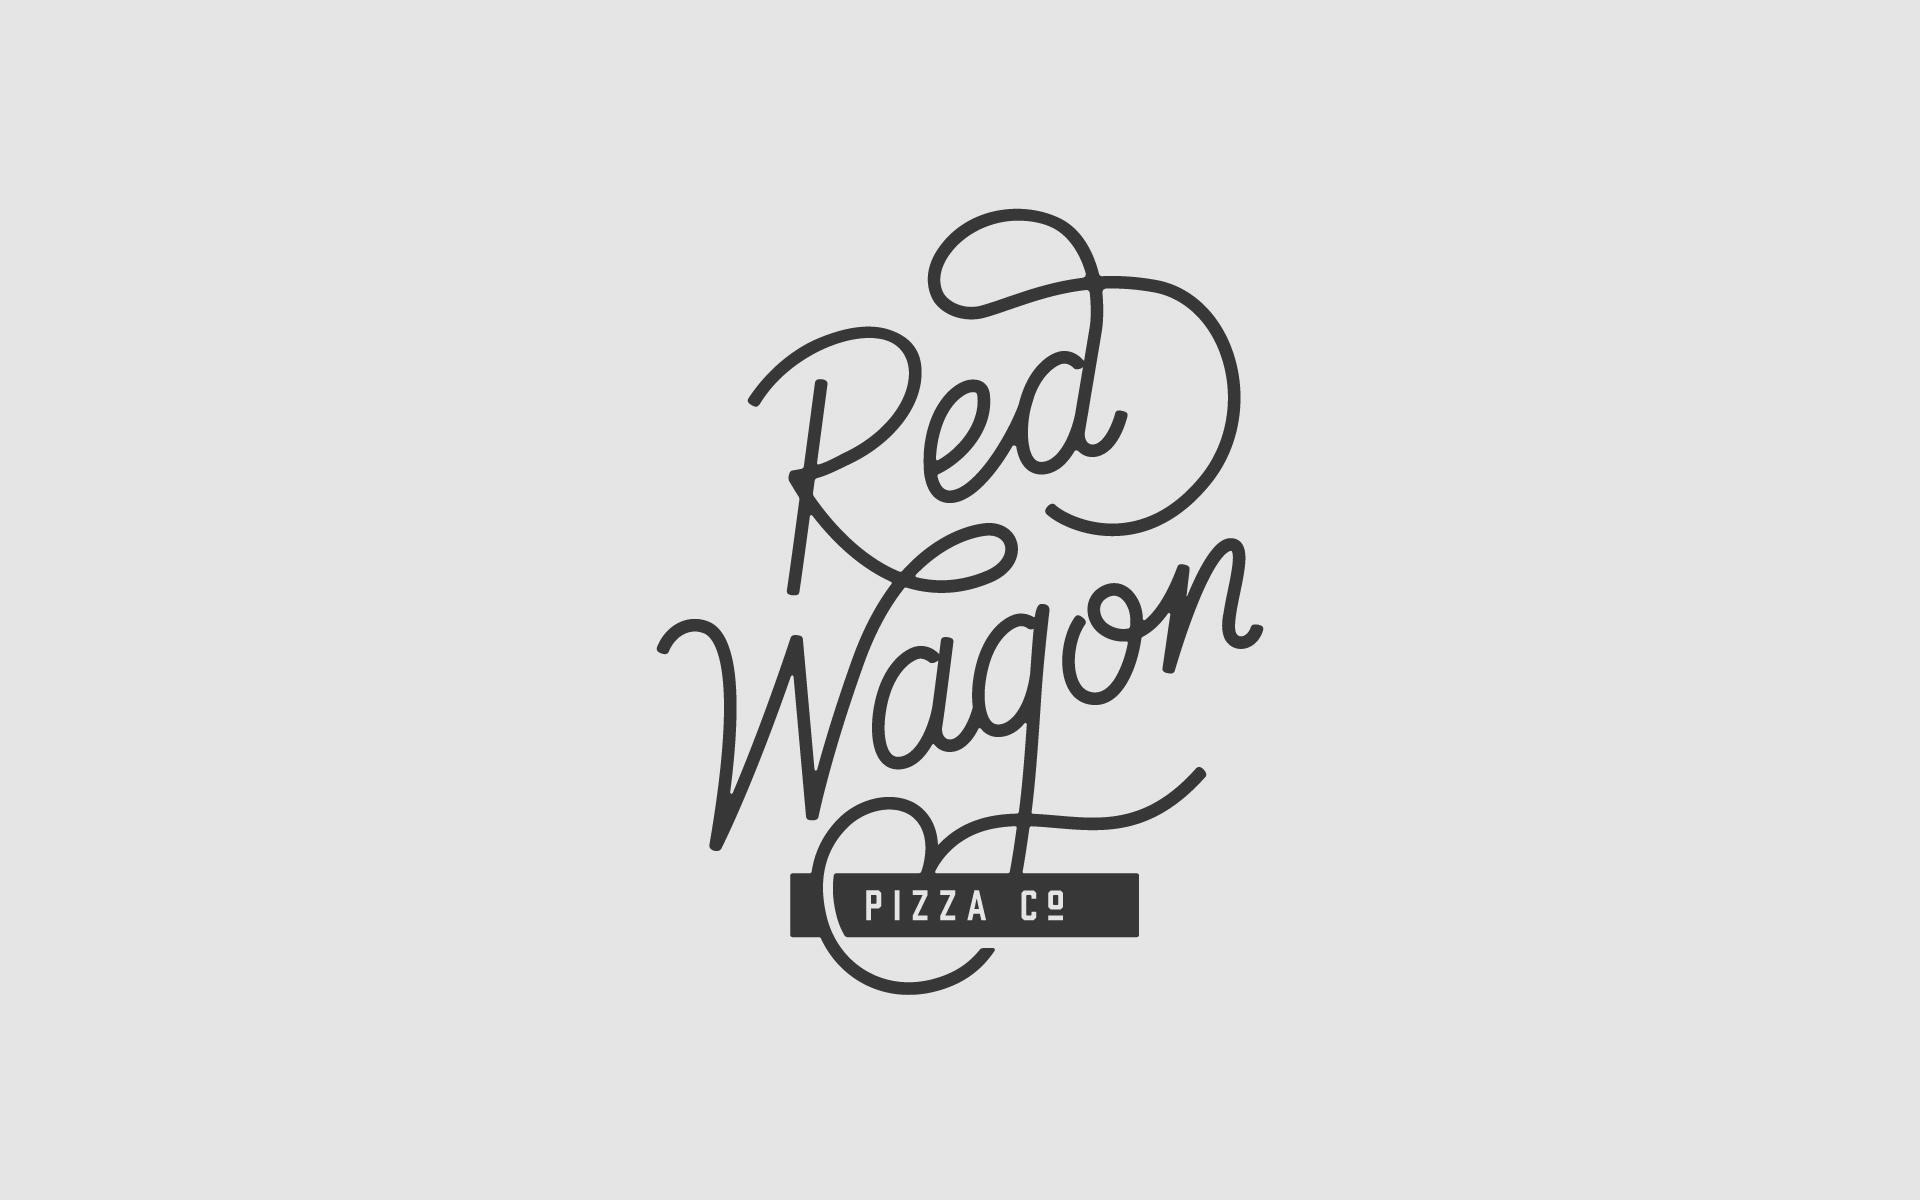 duNord_Typography_RedWagon